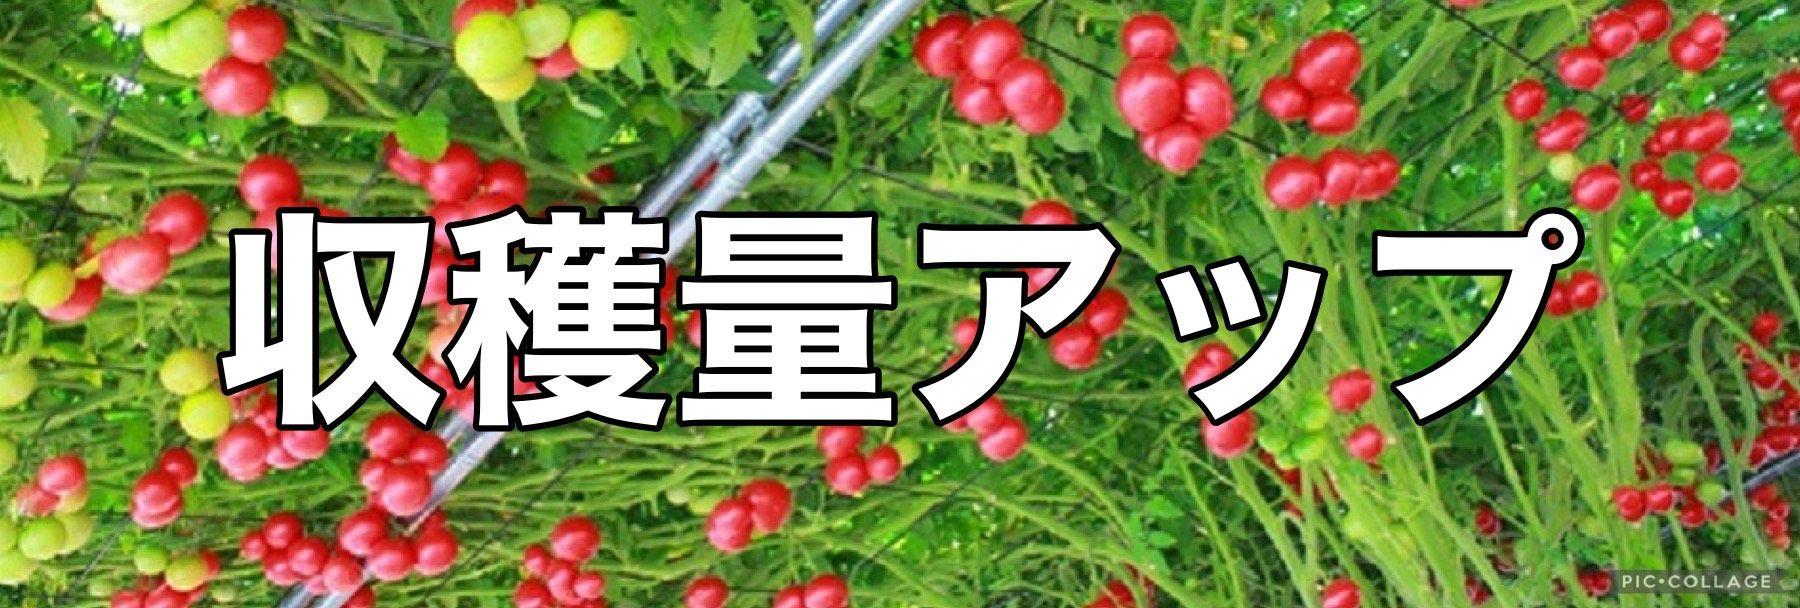 マイクロバブル製品 取扱い専門店【農業・水産・美容】